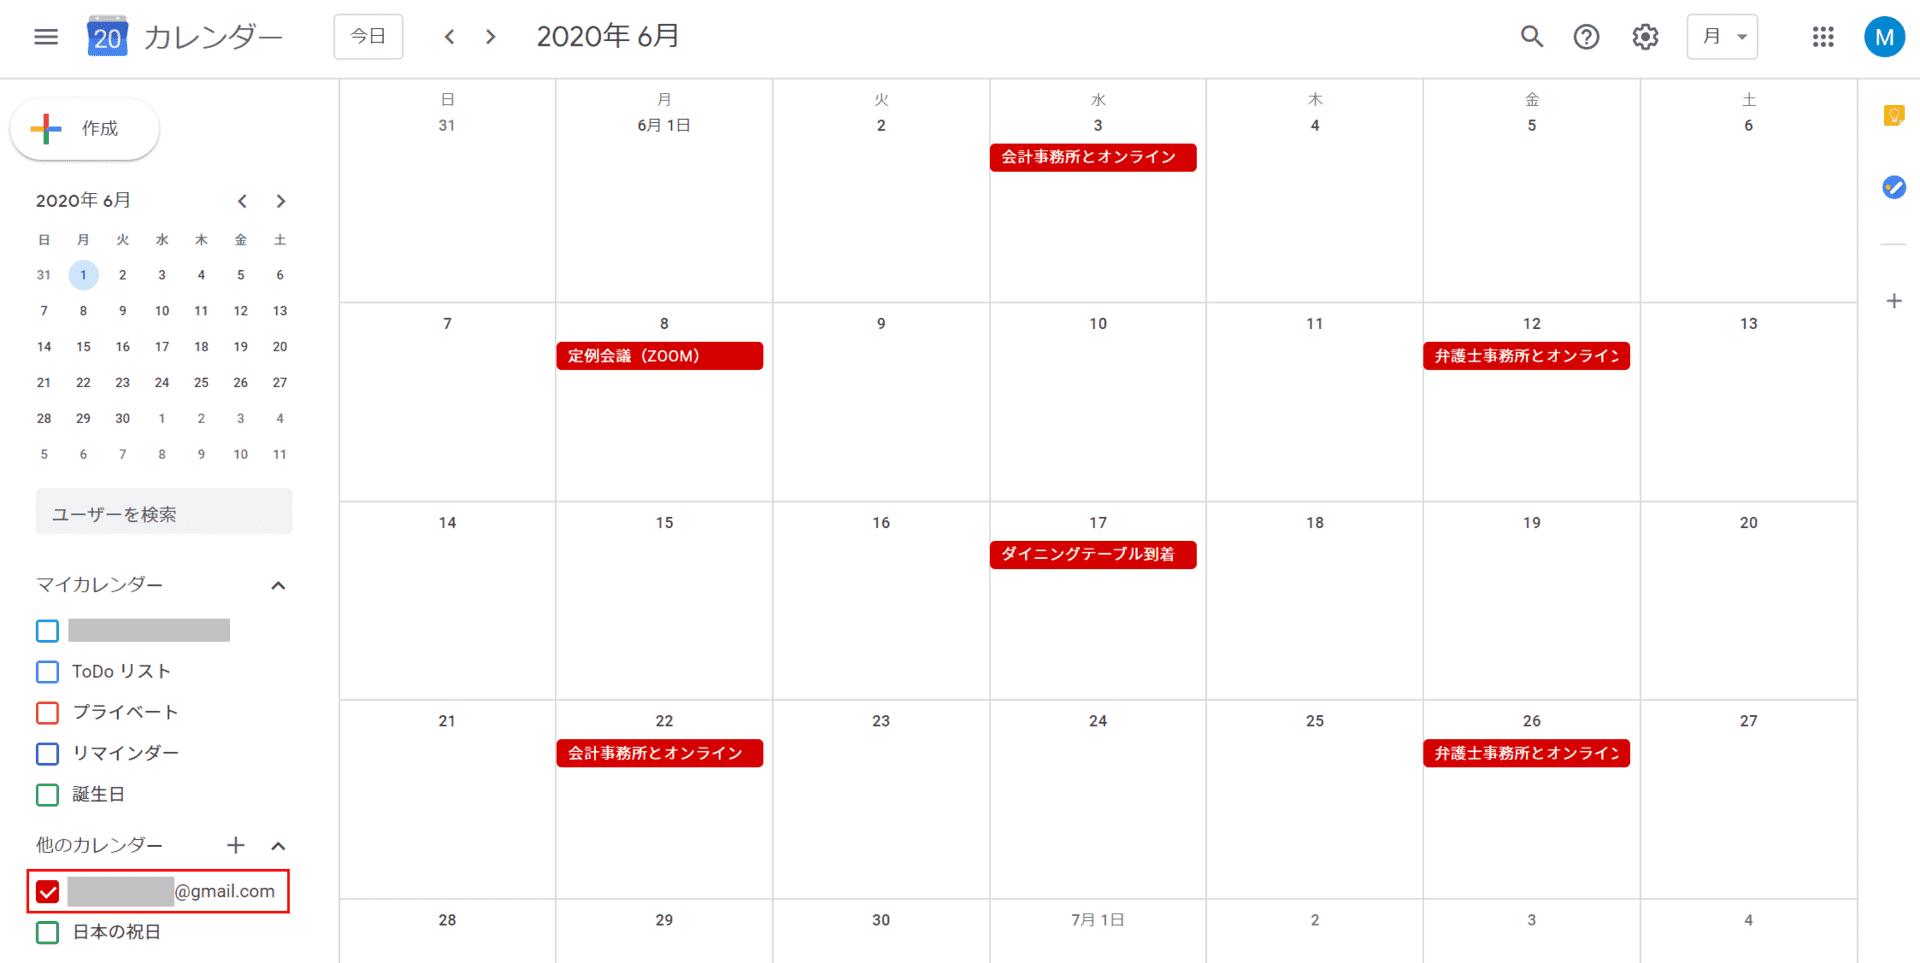 カレンダーに反映